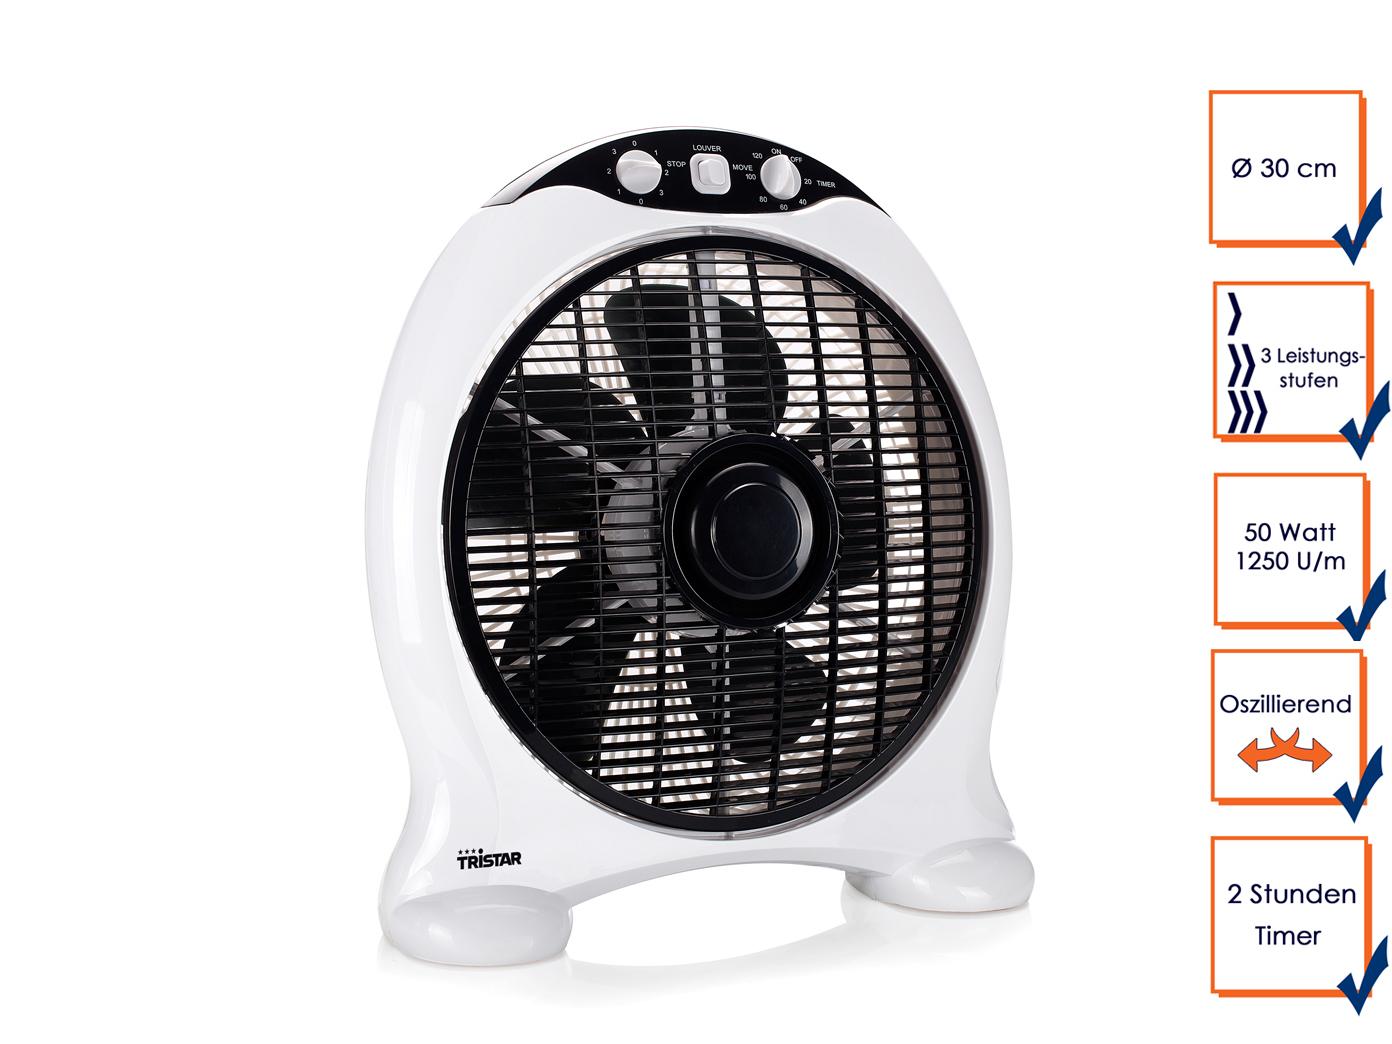 zimmer ventilator mit timerfunktion oszillierend 3 stufen box ventilator l fter 8713016041906 ebay. Black Bedroom Furniture Sets. Home Design Ideas